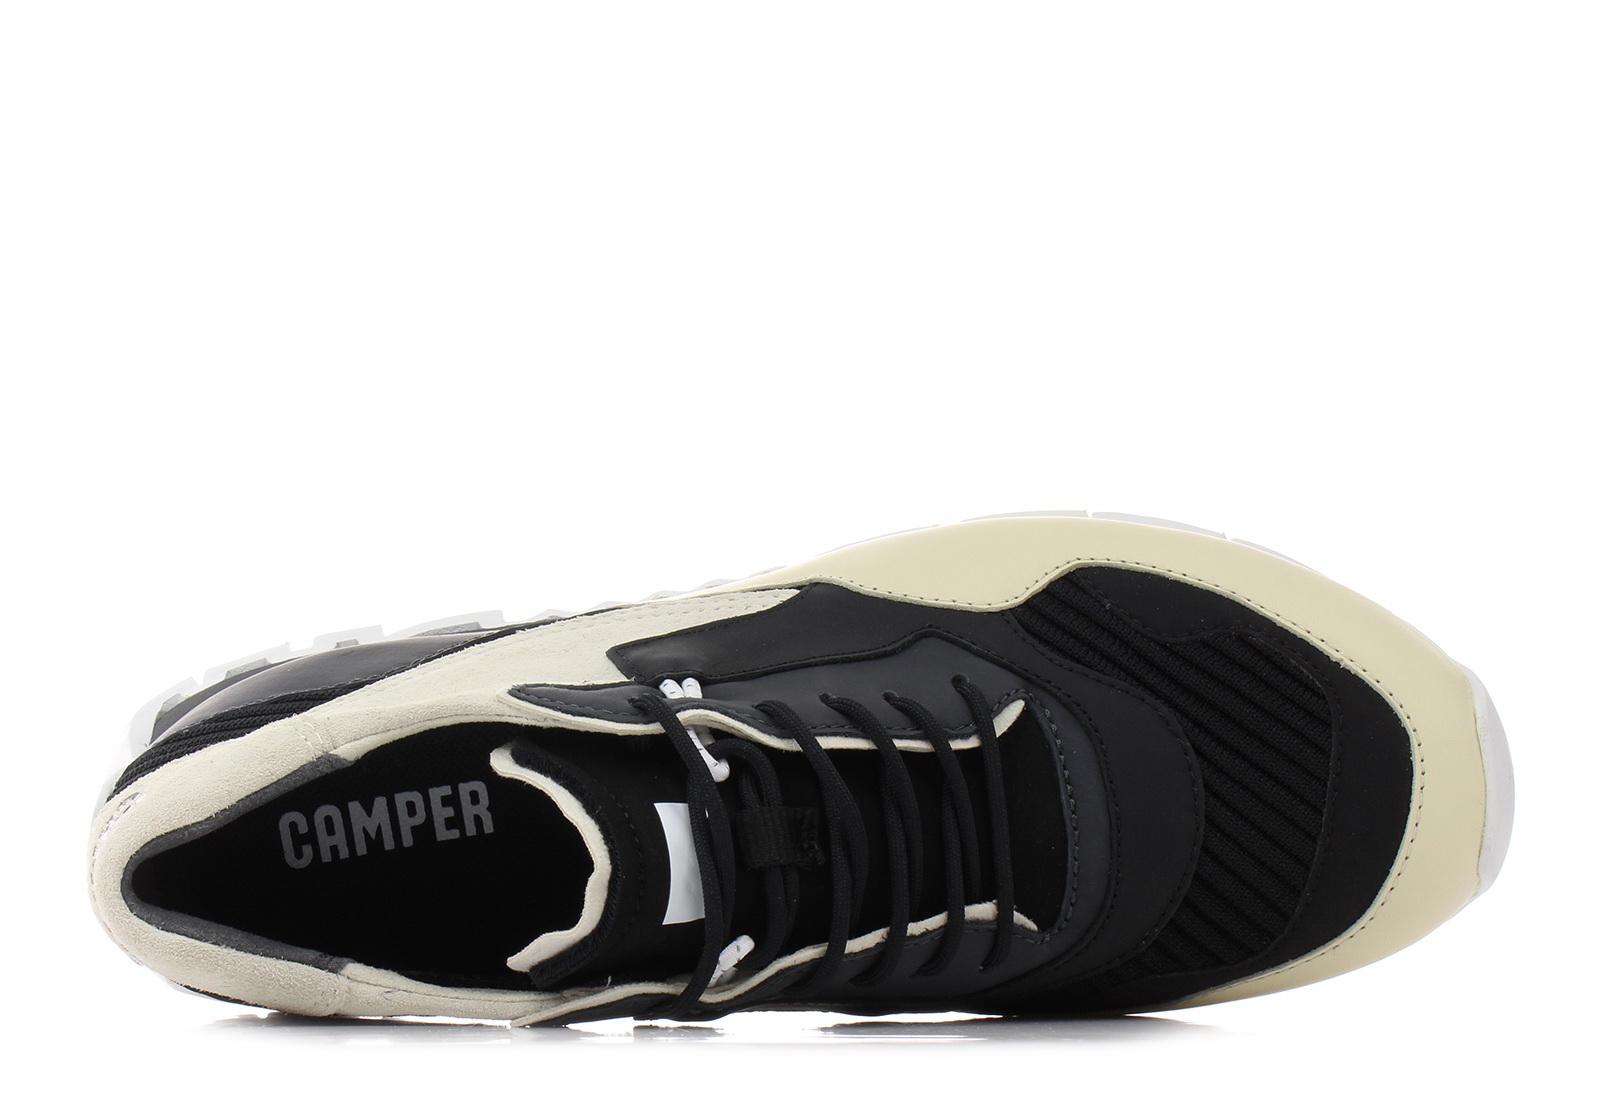 Camper Shoes Nothing K200836 006 Online Shop For